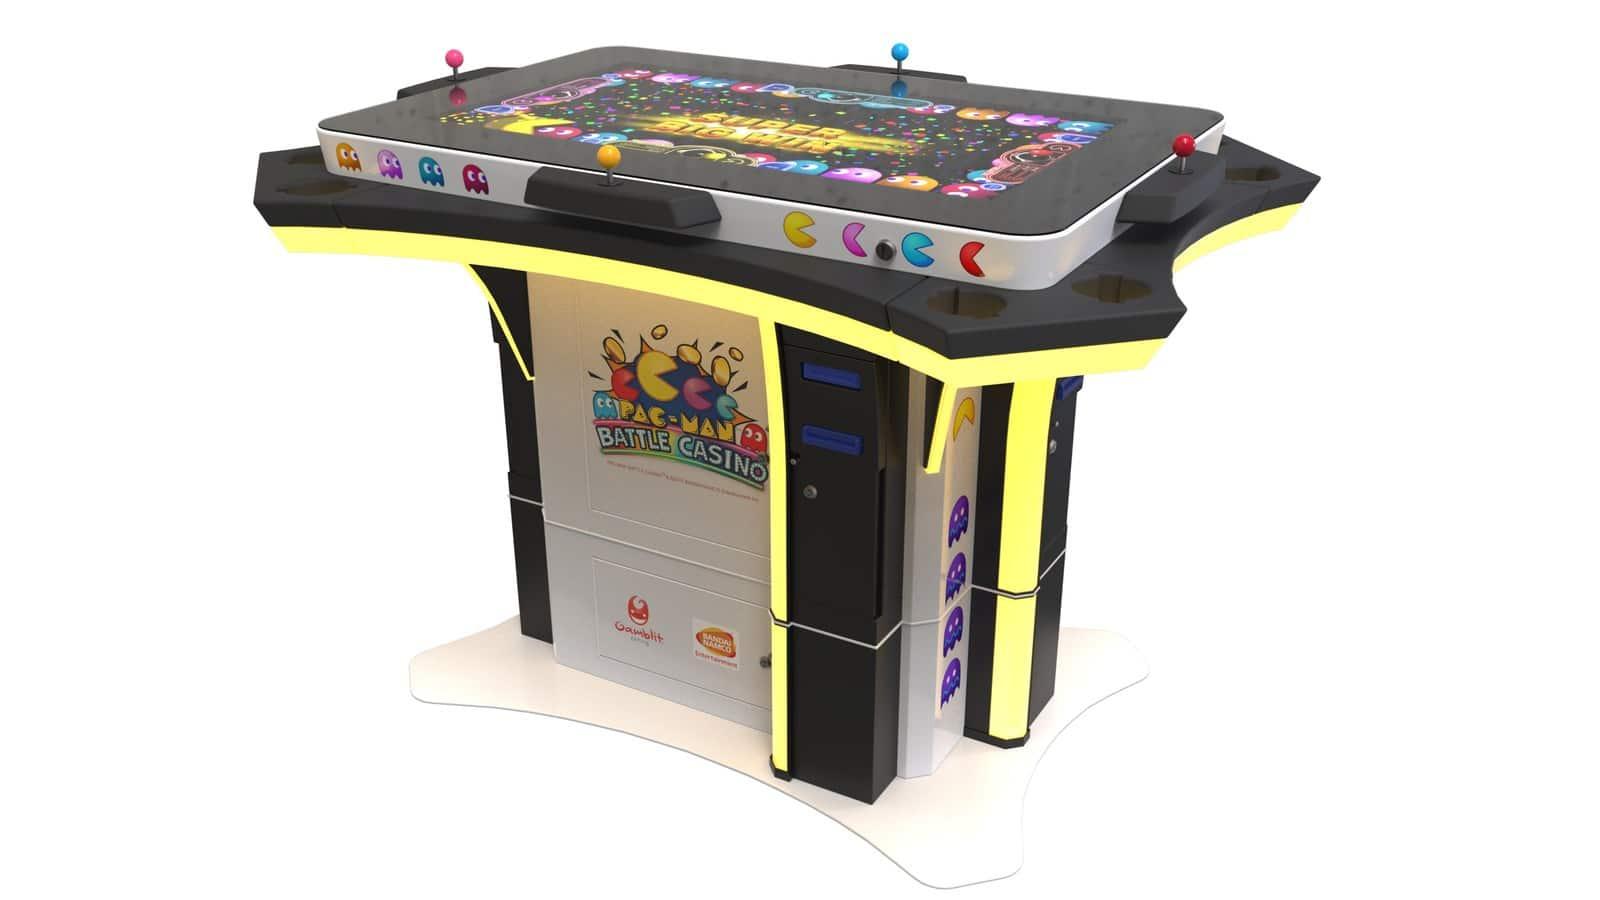 Tremendous Pac Man Battle Casino Kultpille Wird Zum Gluckspiel Download Free Architecture Designs Itiscsunscenecom